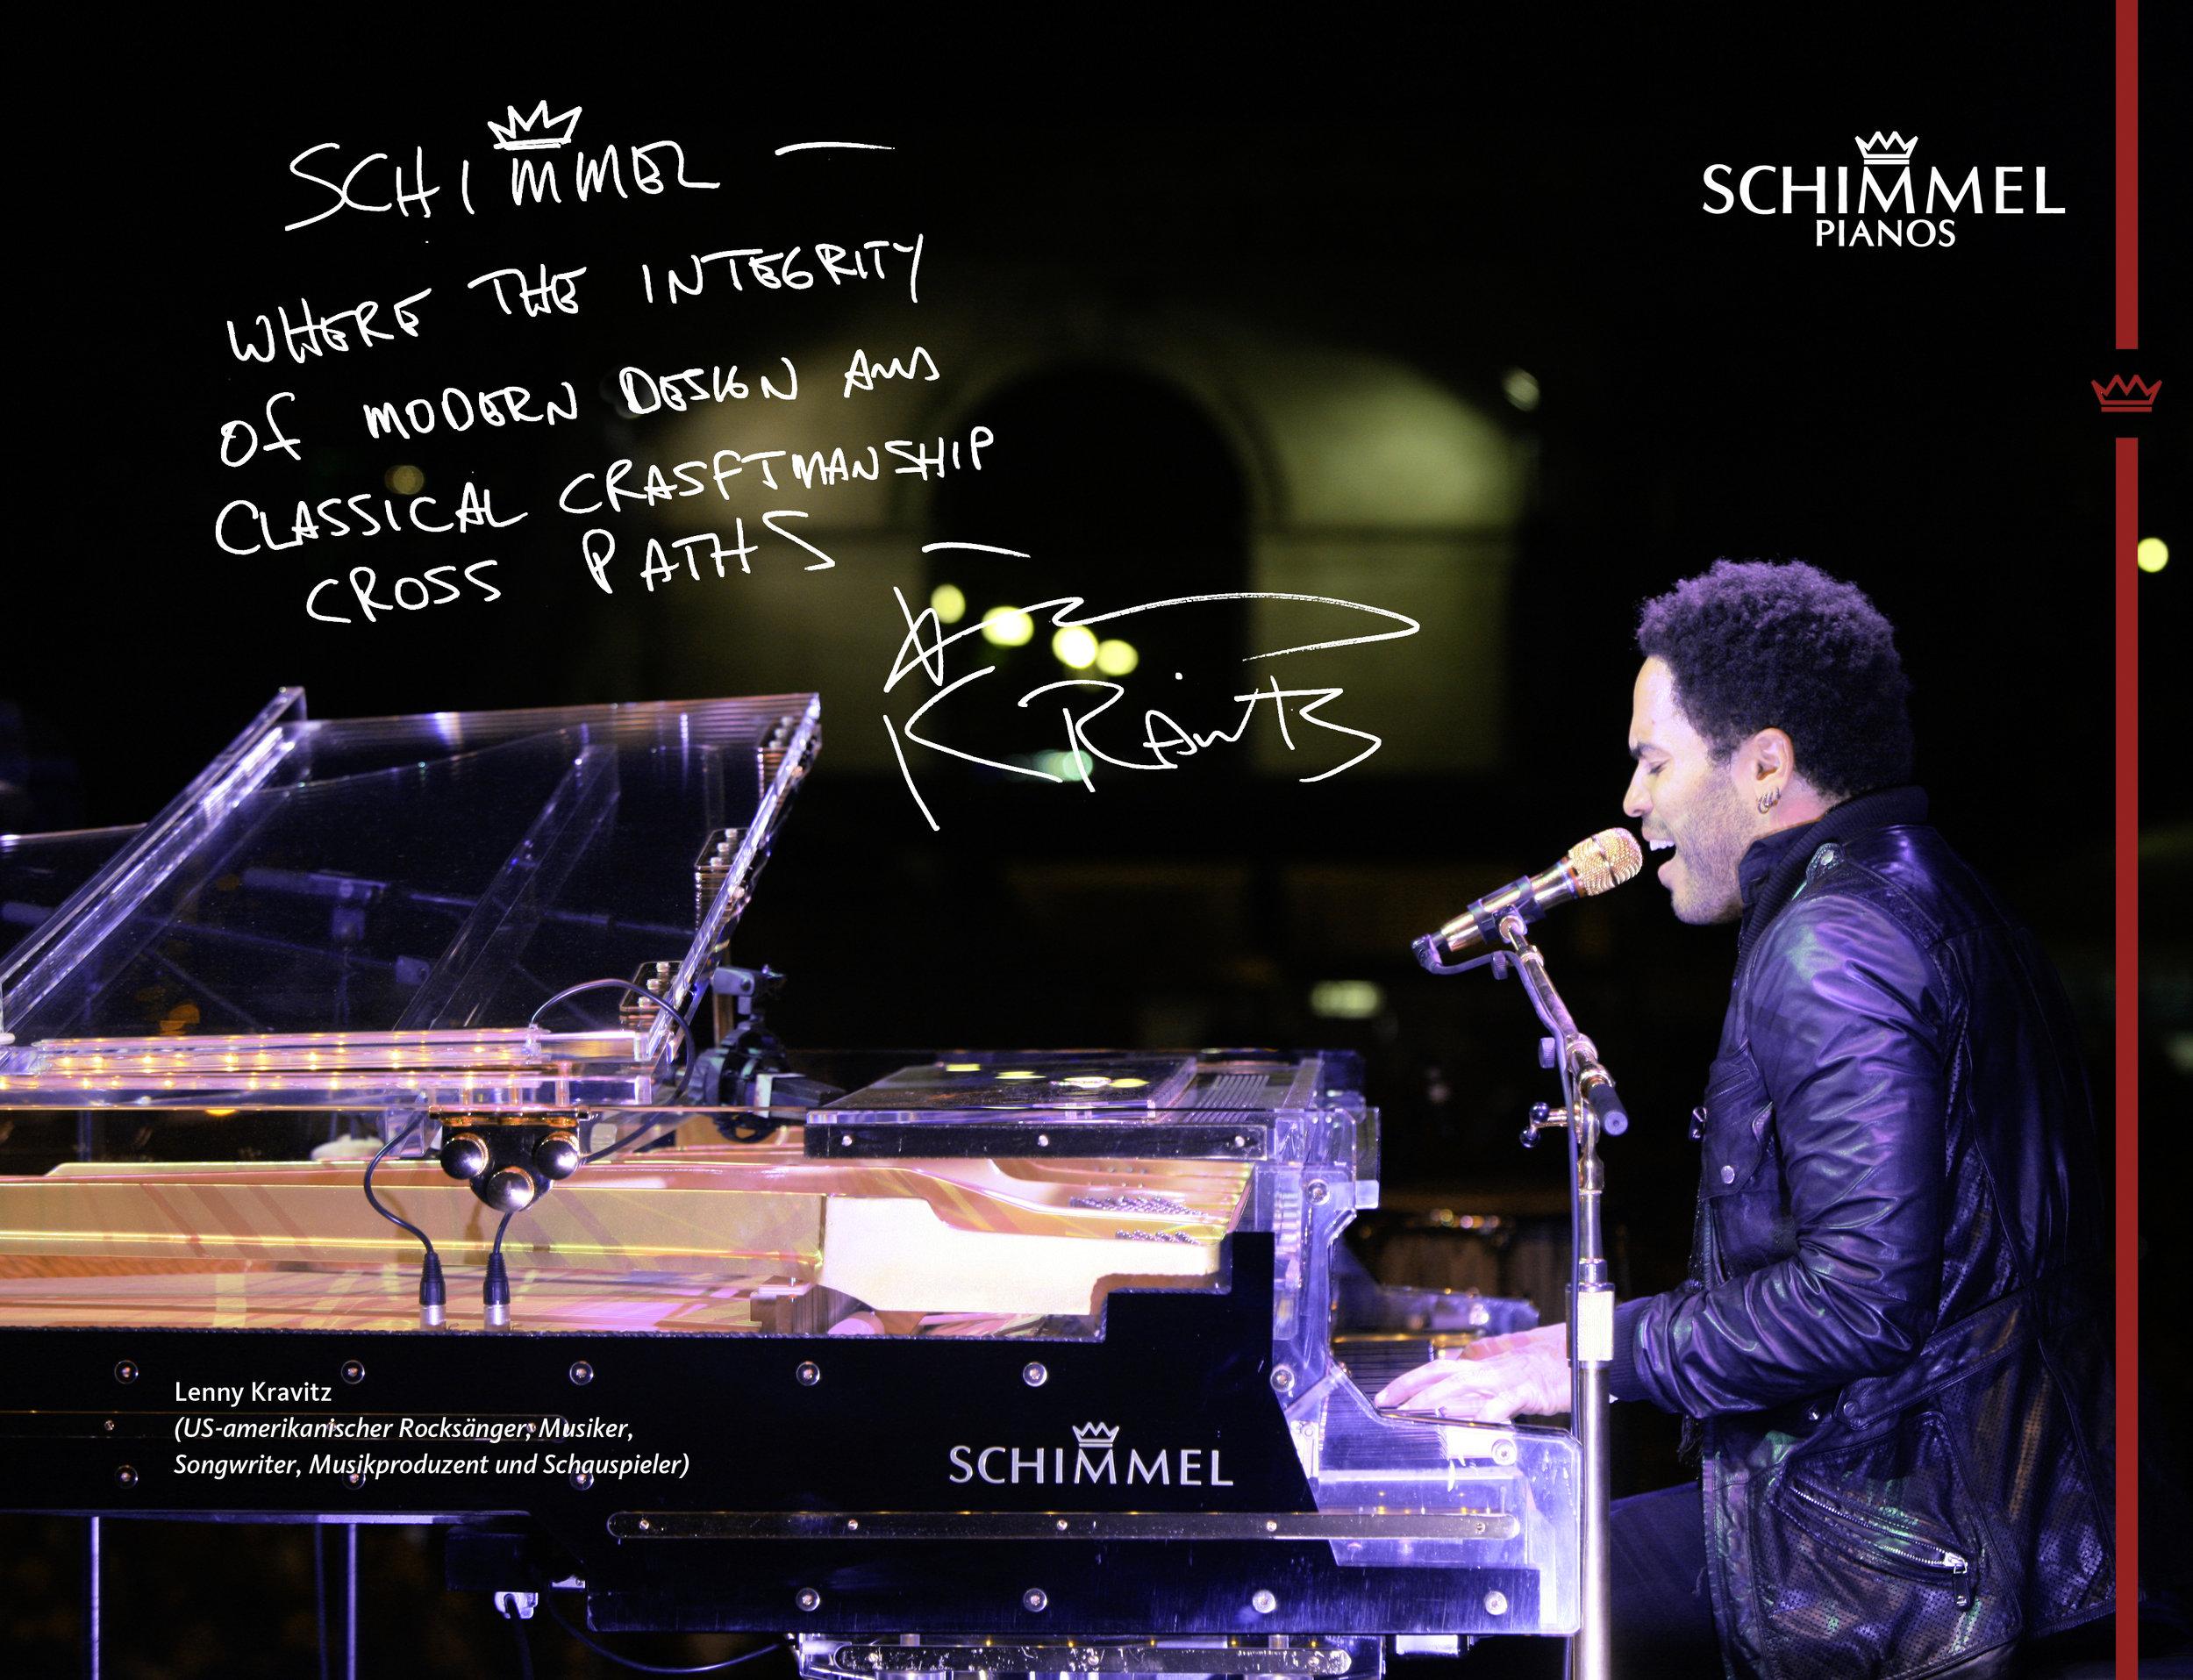 Lenny Kravitz Schimmel Pianos